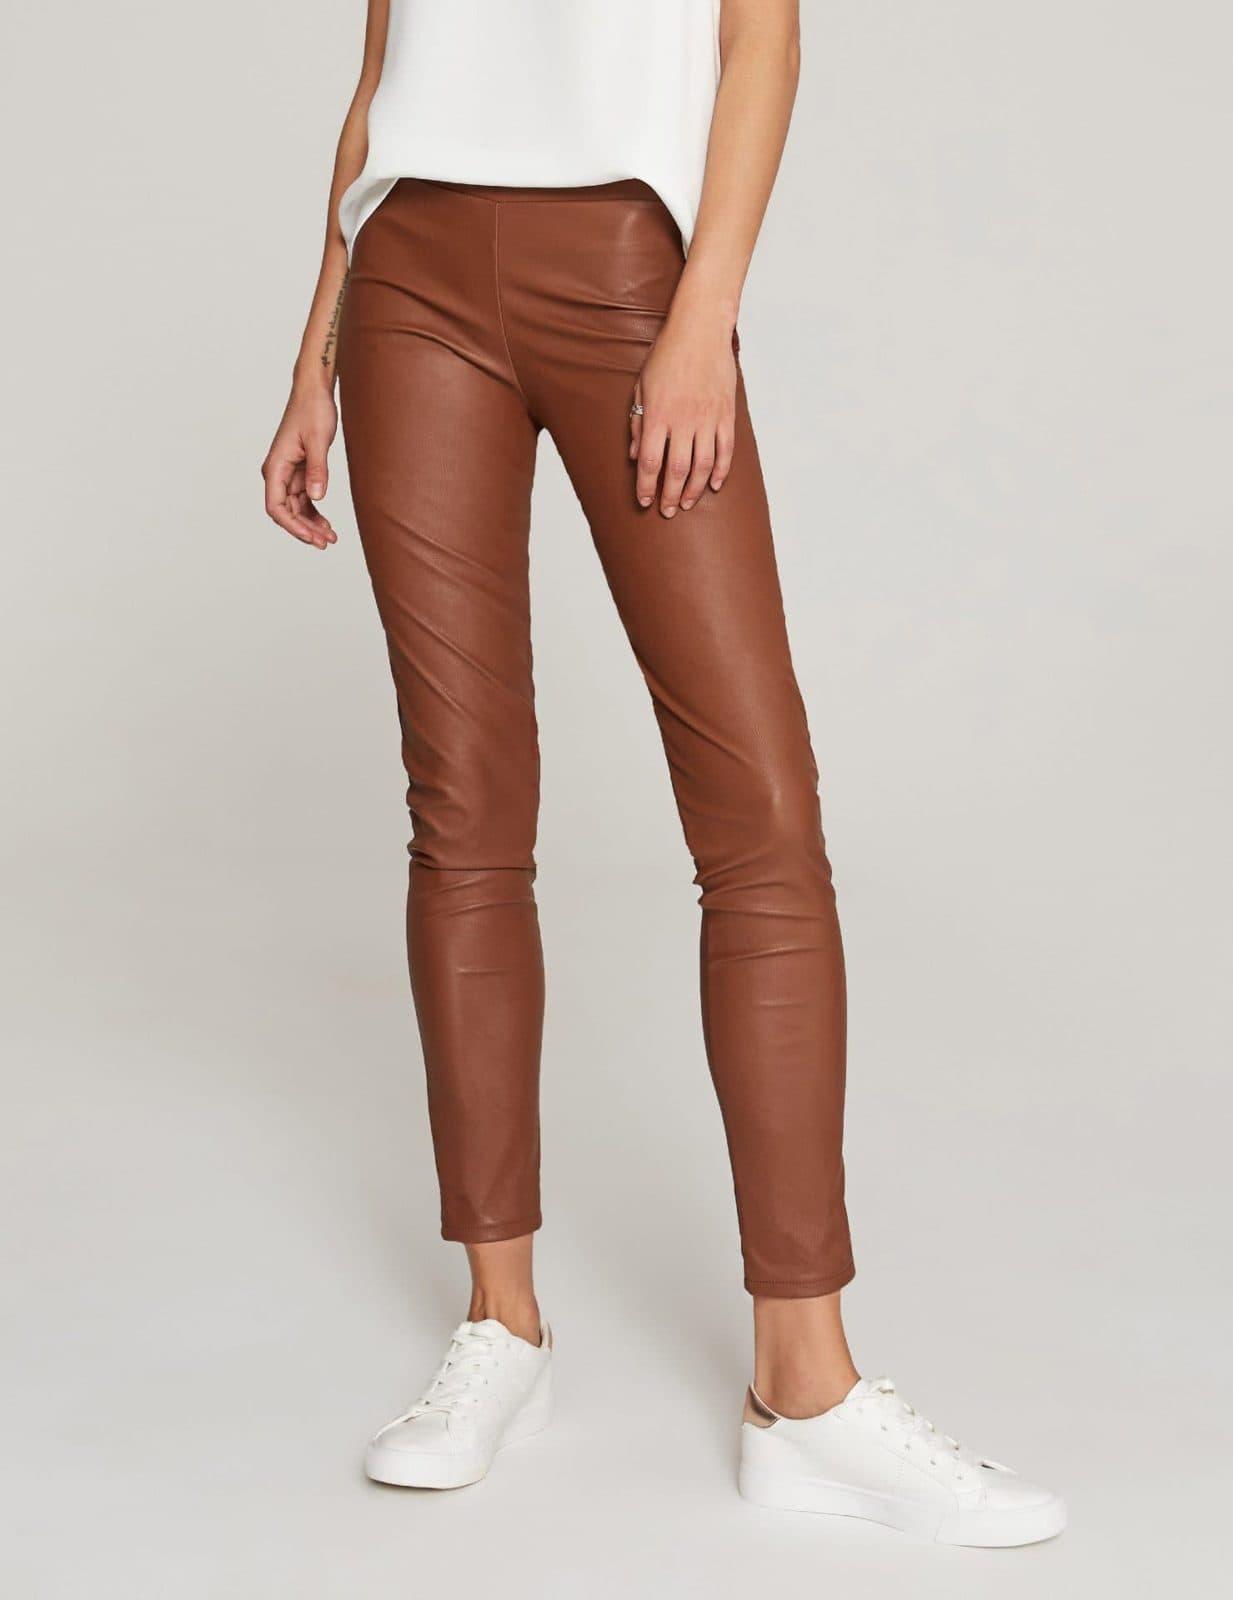 spodnie-ze-sztucznej-skory-cynamonowe-03a (1)